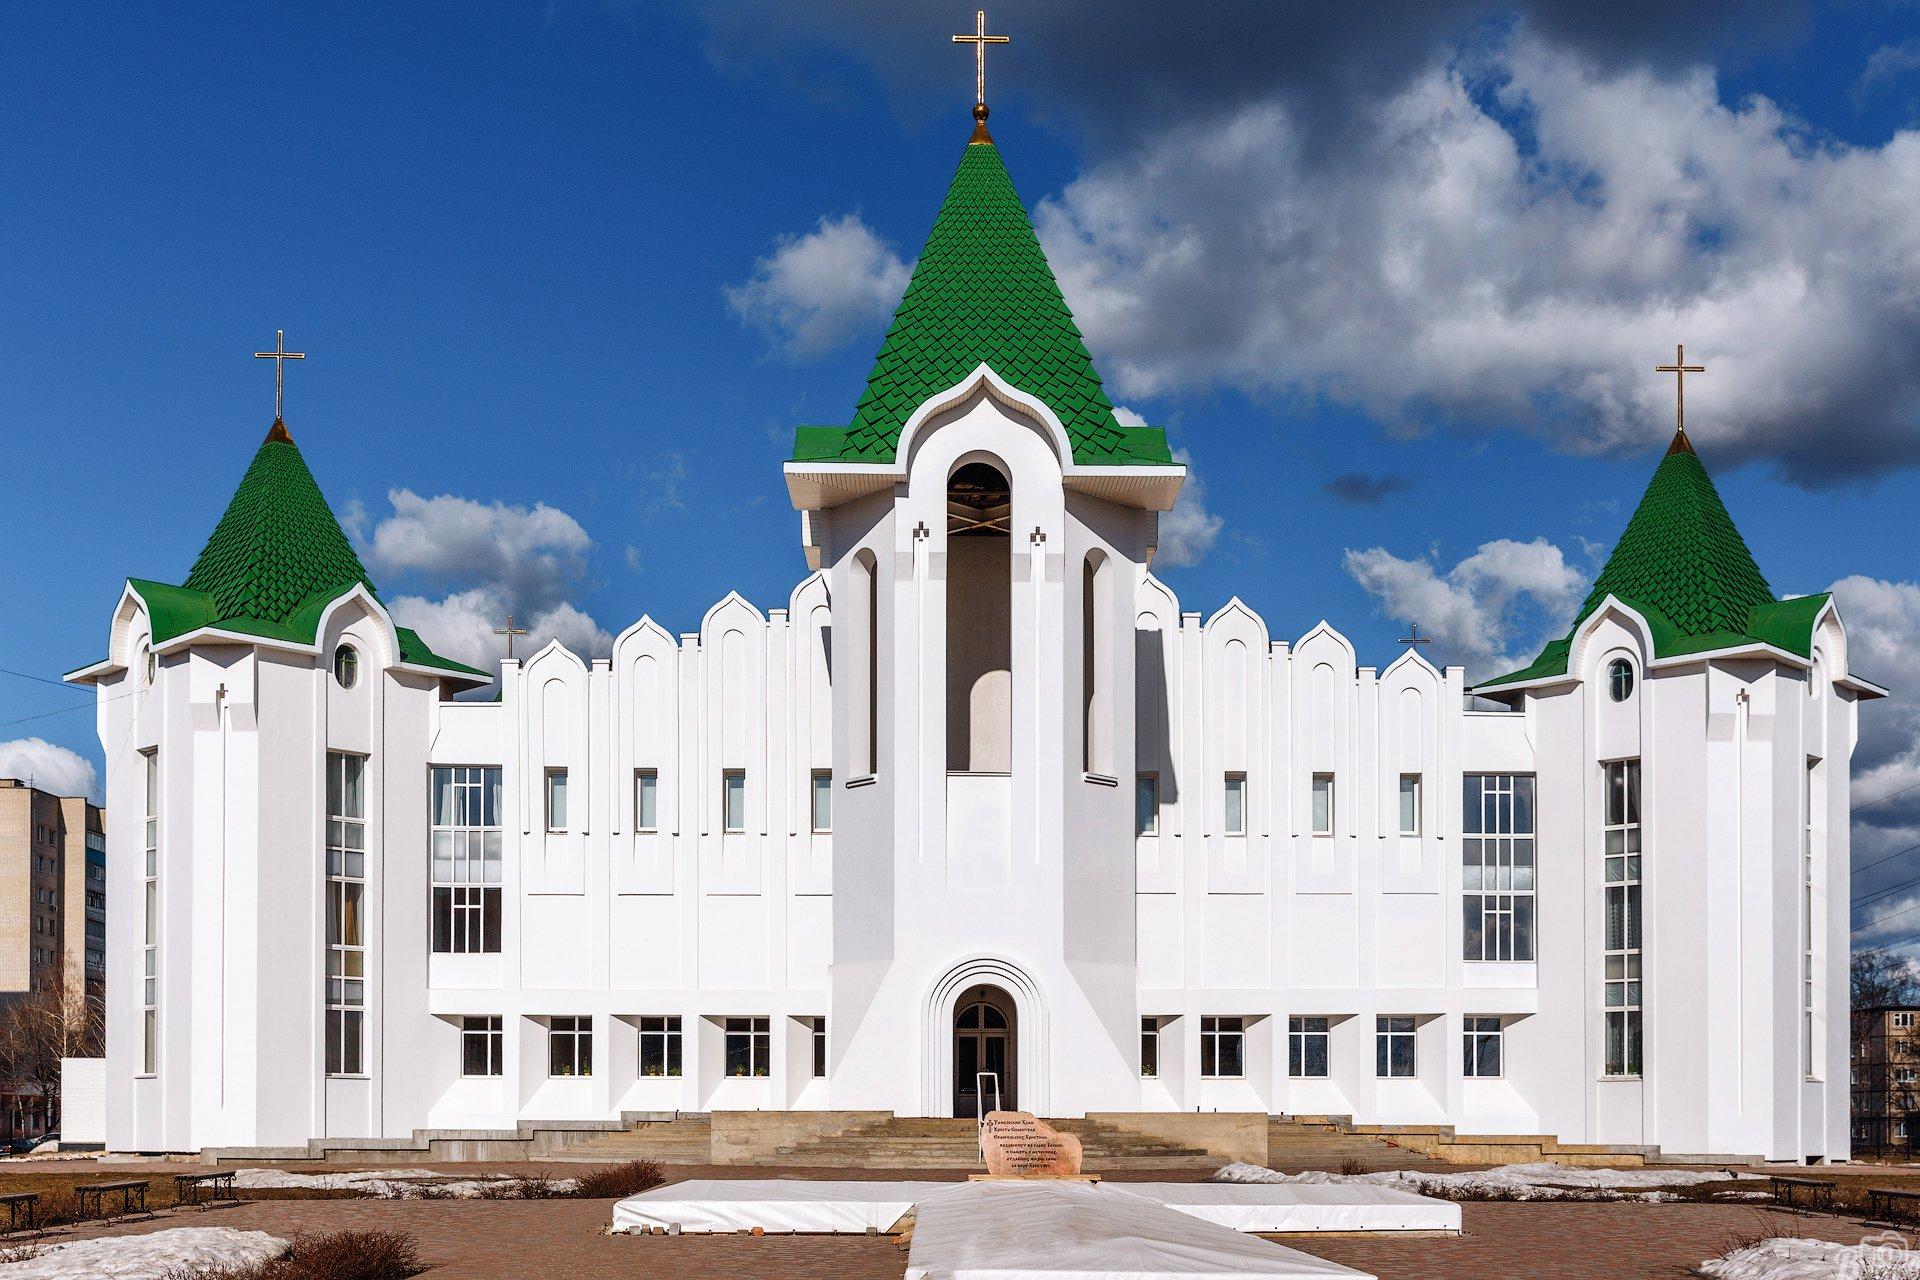 тамбов, церковь, храм, тамбовщина, религия, храм христа спасителя евангельских христиан, Вьюнов Сергей